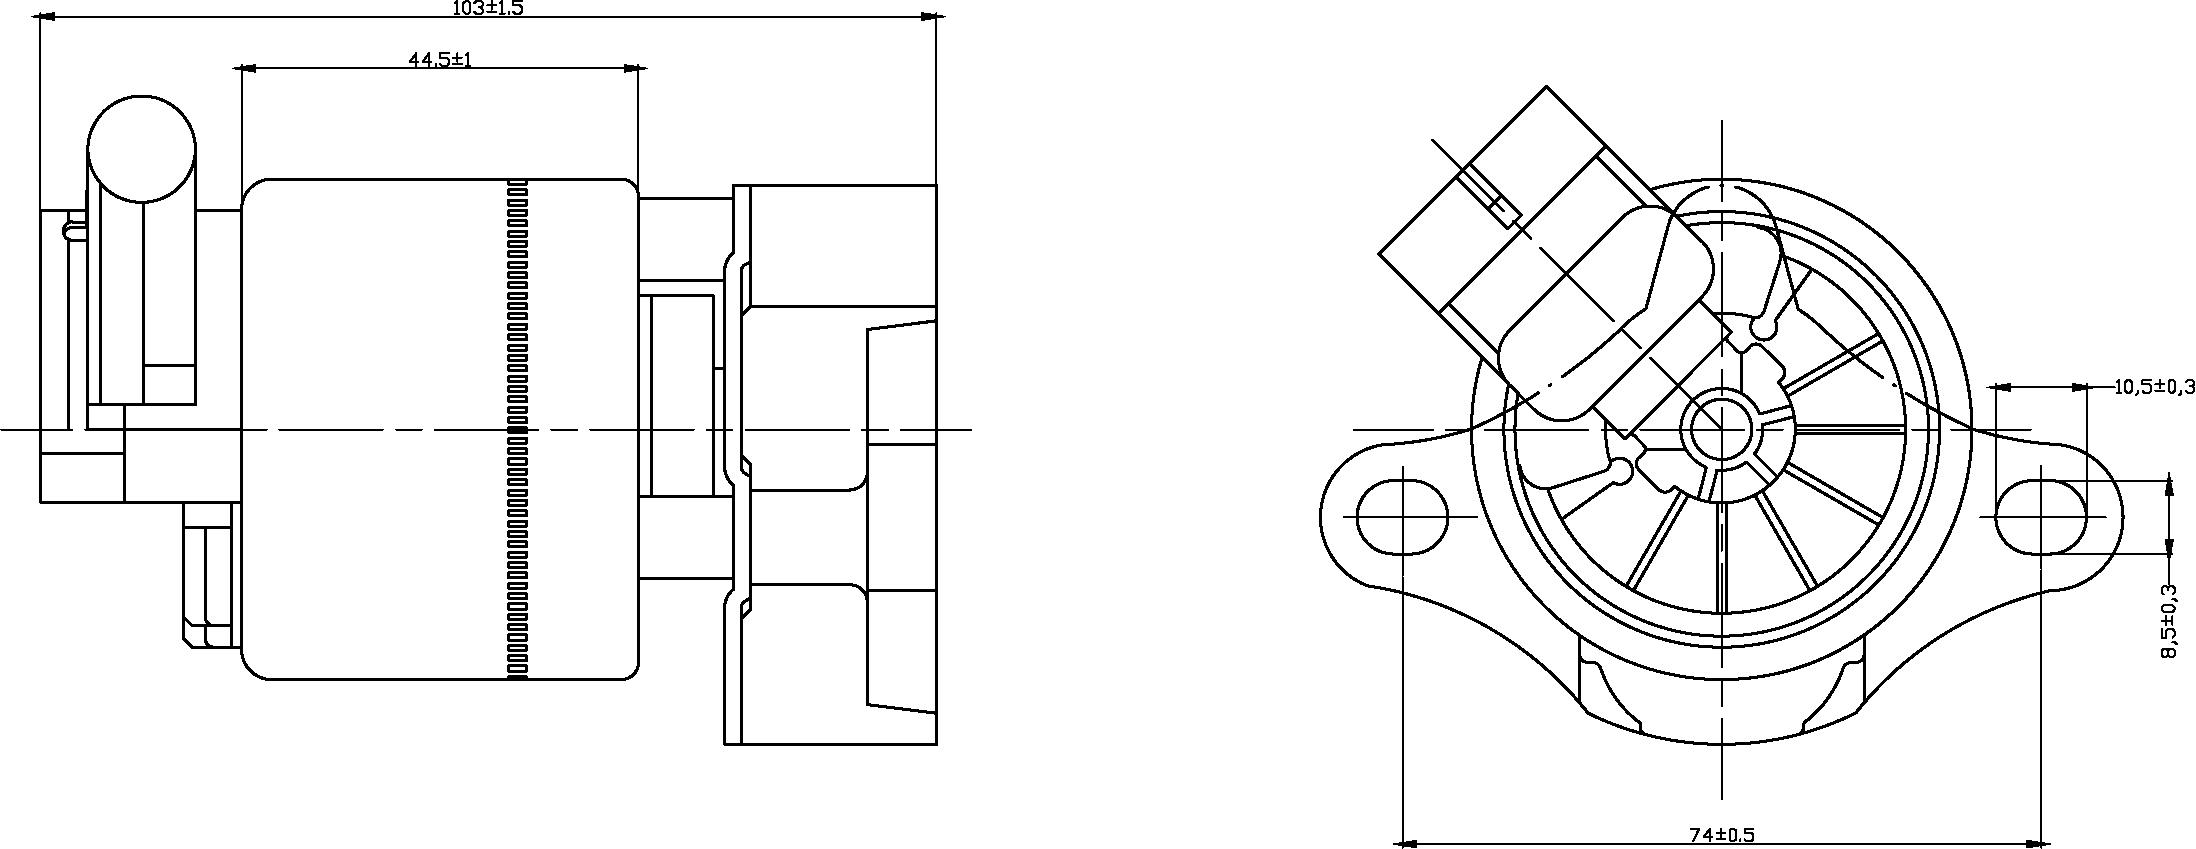 182011 Egr Valve John Deere 7410 Wiring Diagram New